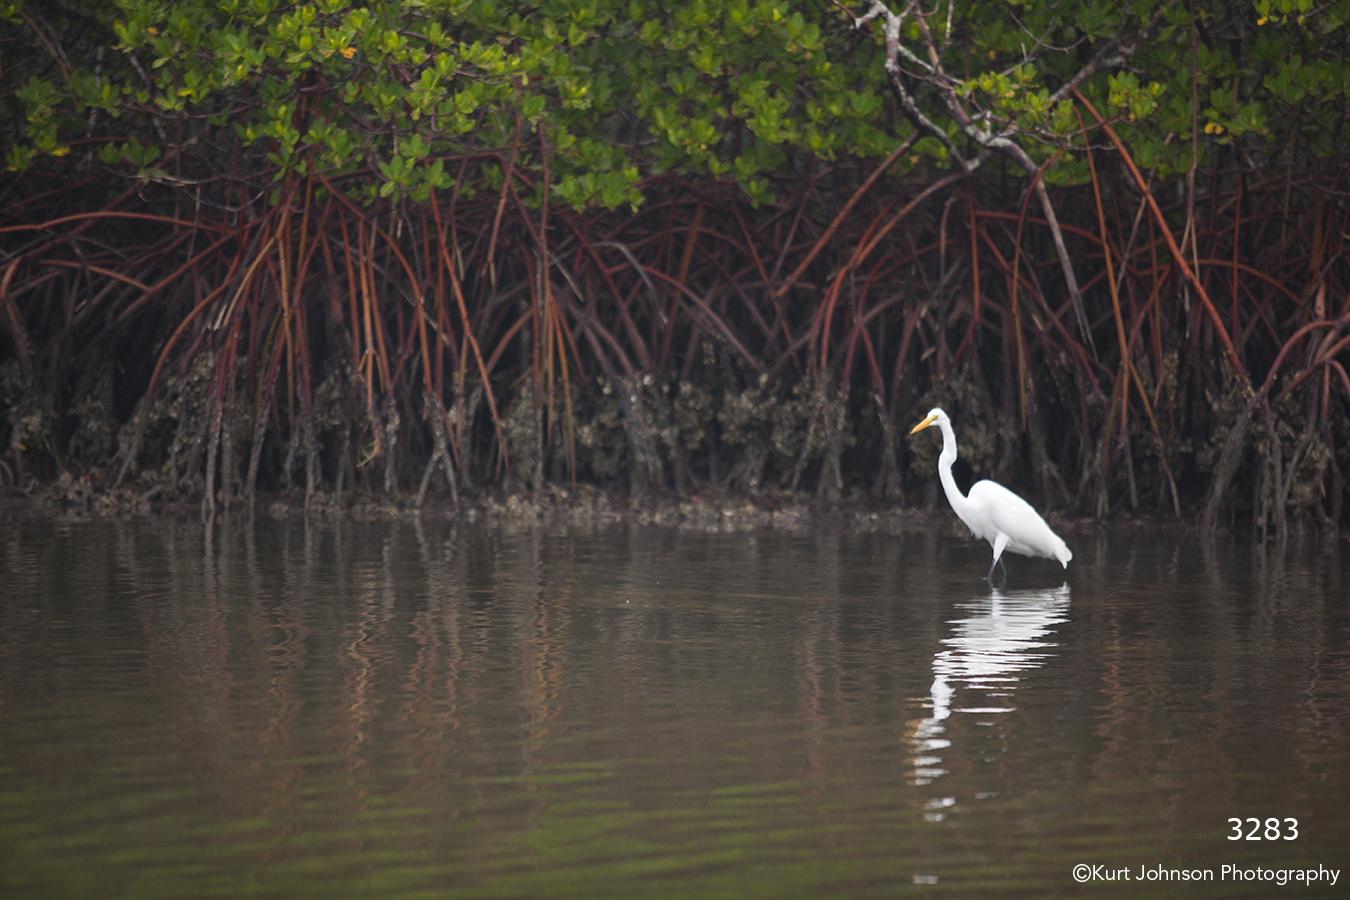 landscape grasses water bird crane